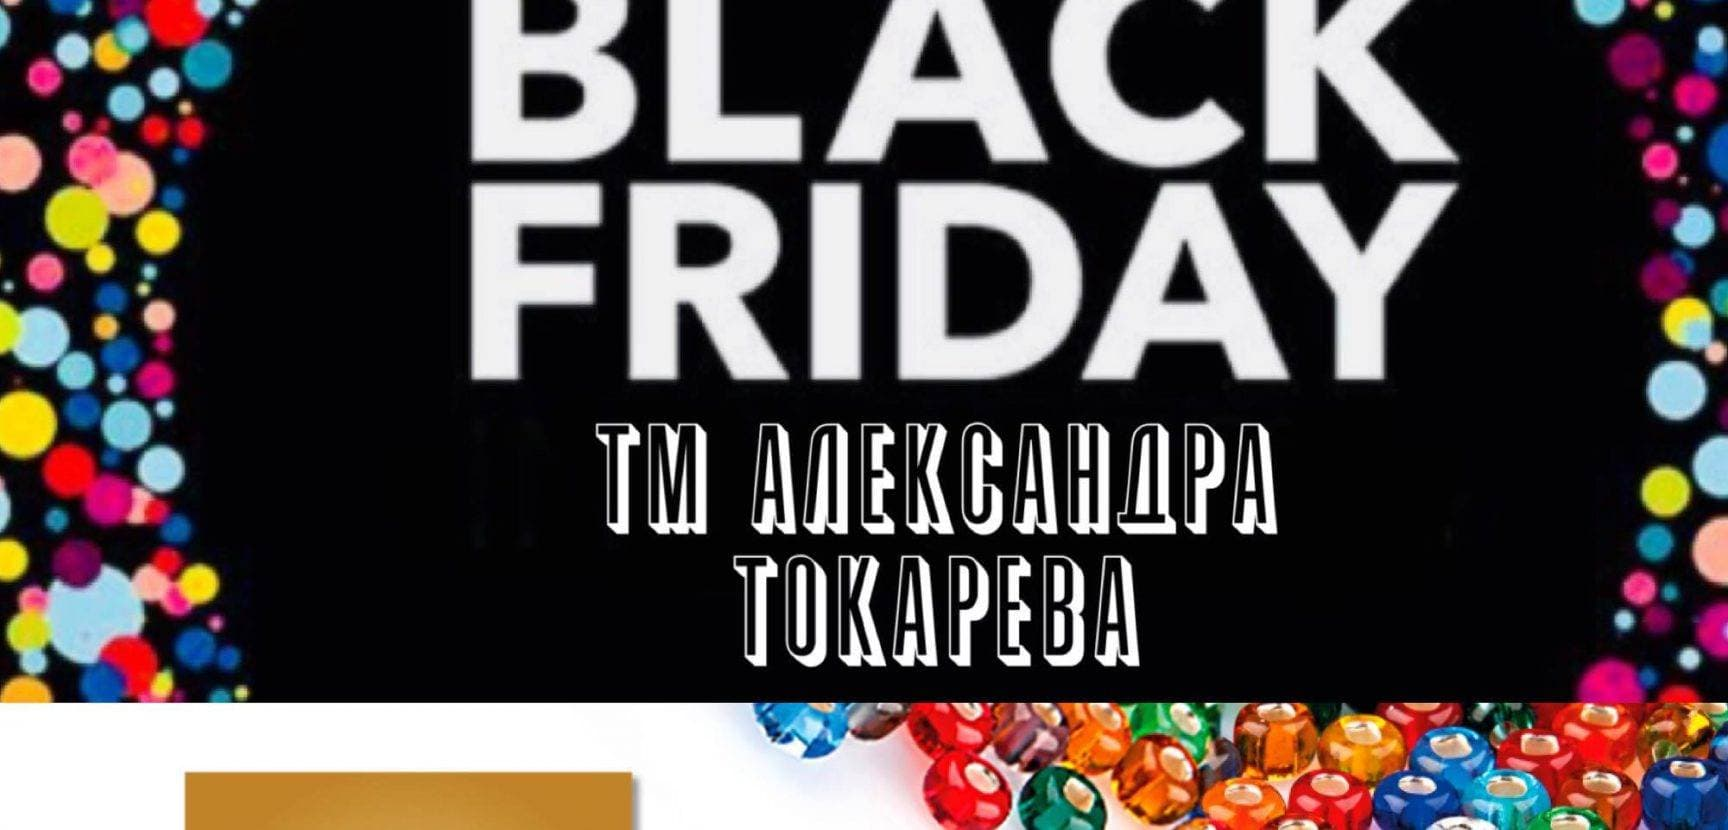 """""""BLACK FRIDAY"""" от ТМ АЛЕКСАНДРА ТОКАРЕВА Скидки !!!"""